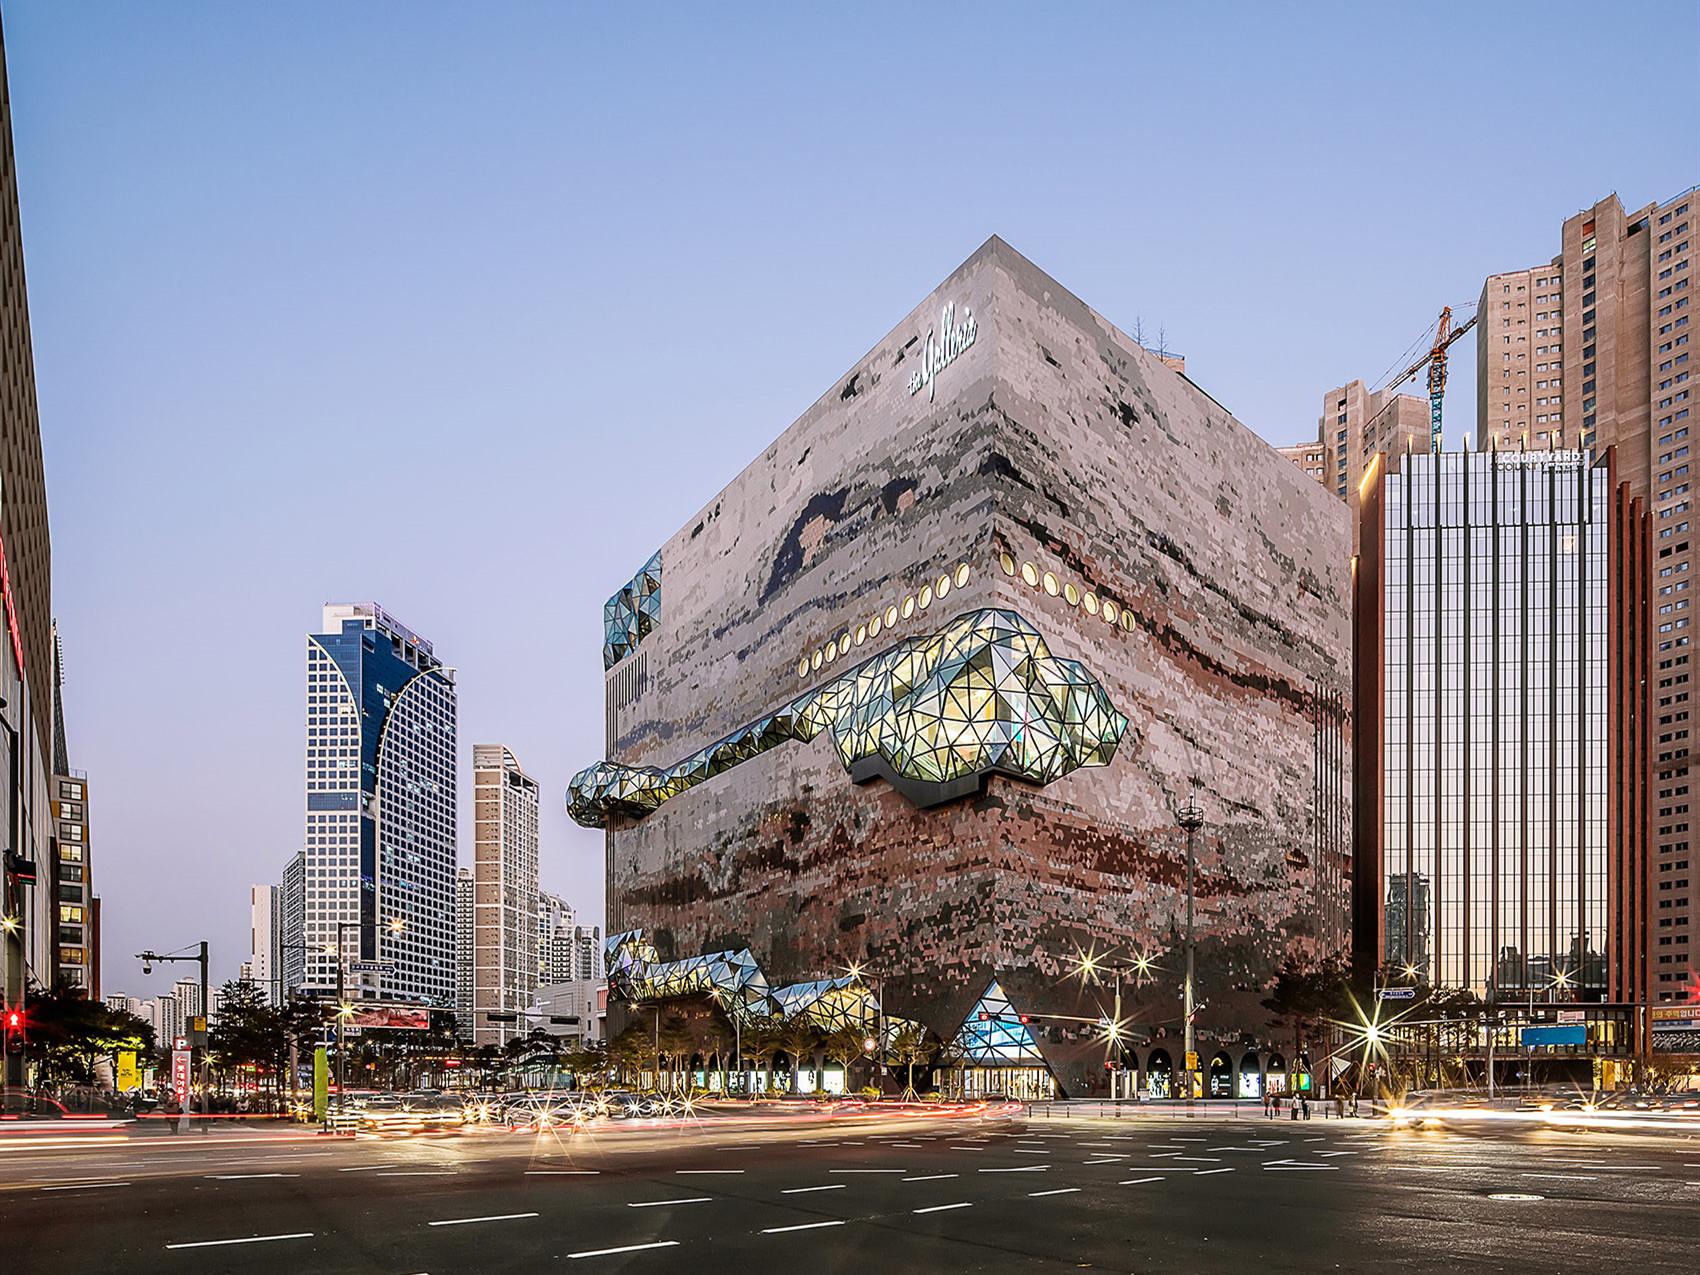 韩国Galleria百货公司大楼